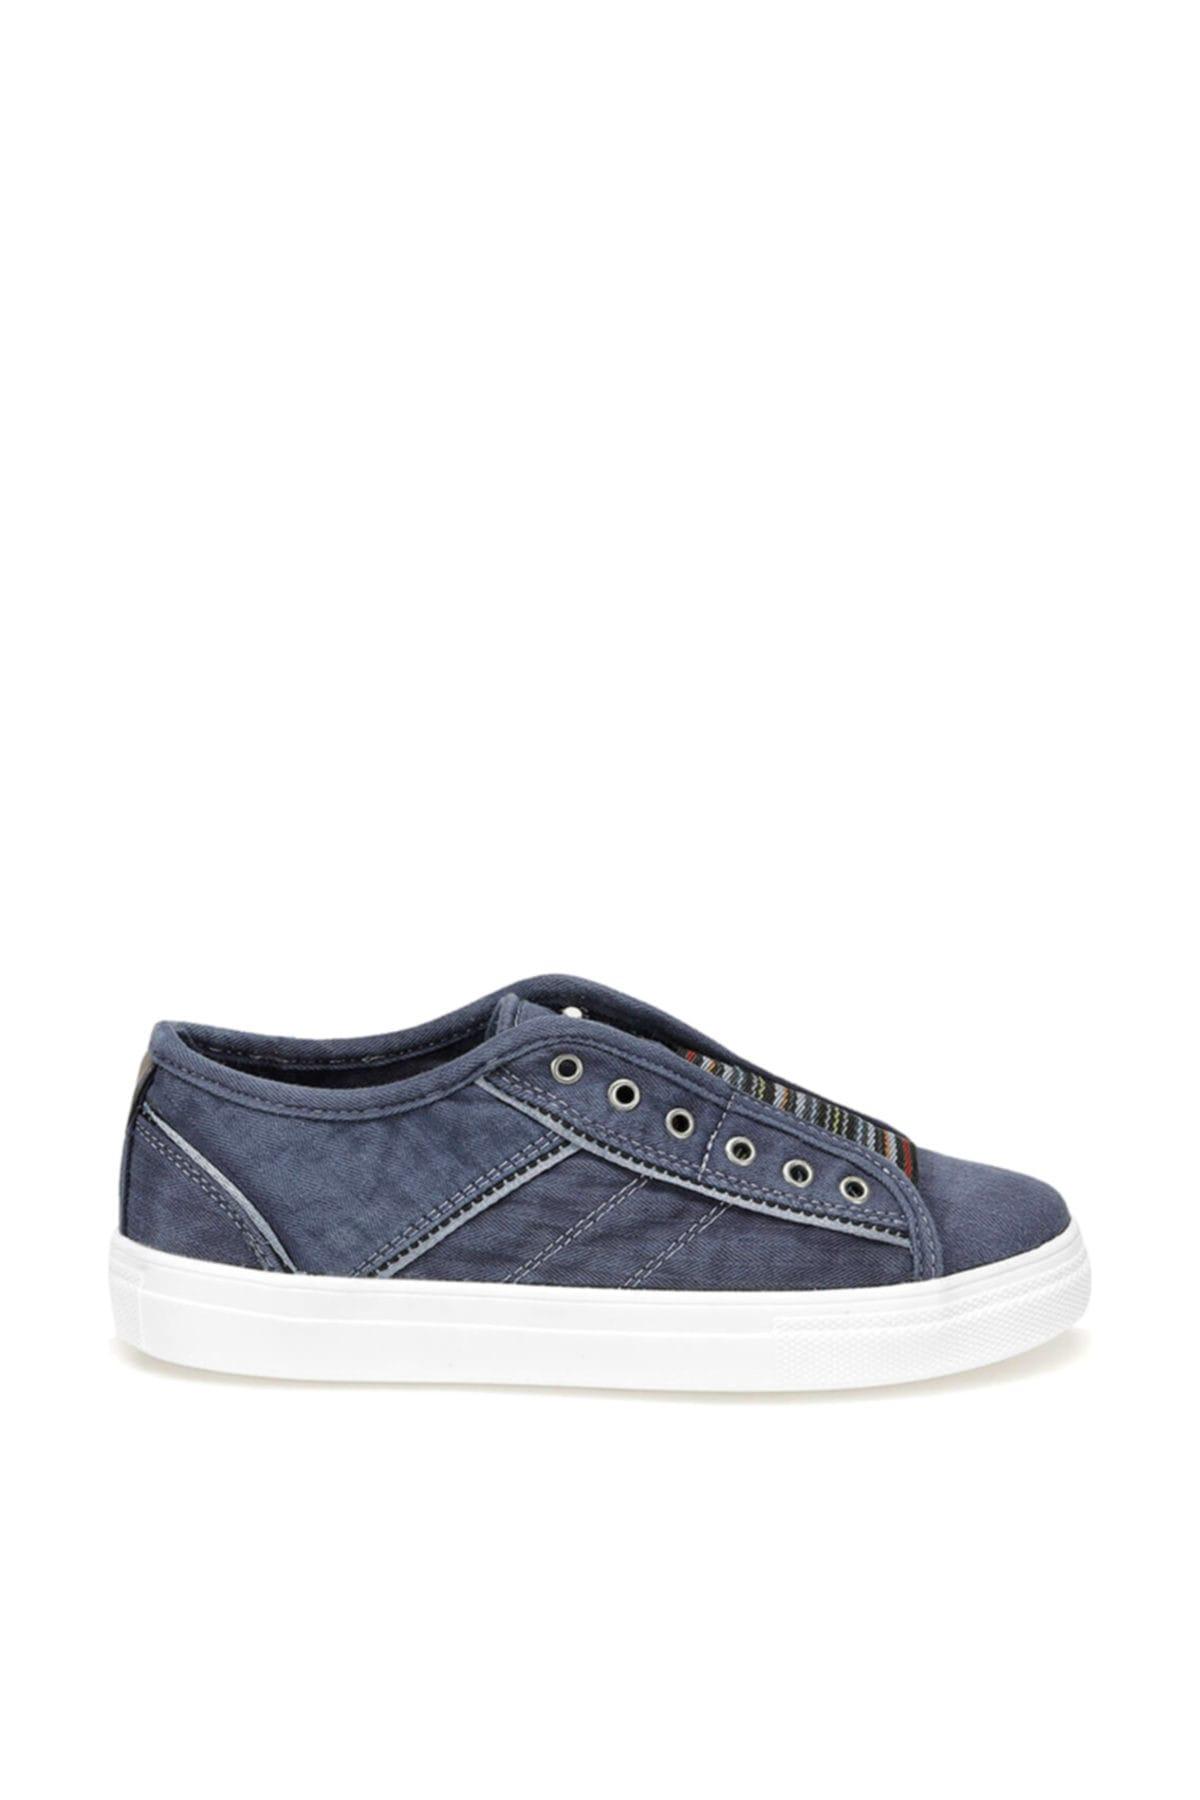 Butigo 19S-502 Lacivert Kadın Ayakkabı 100406989 2